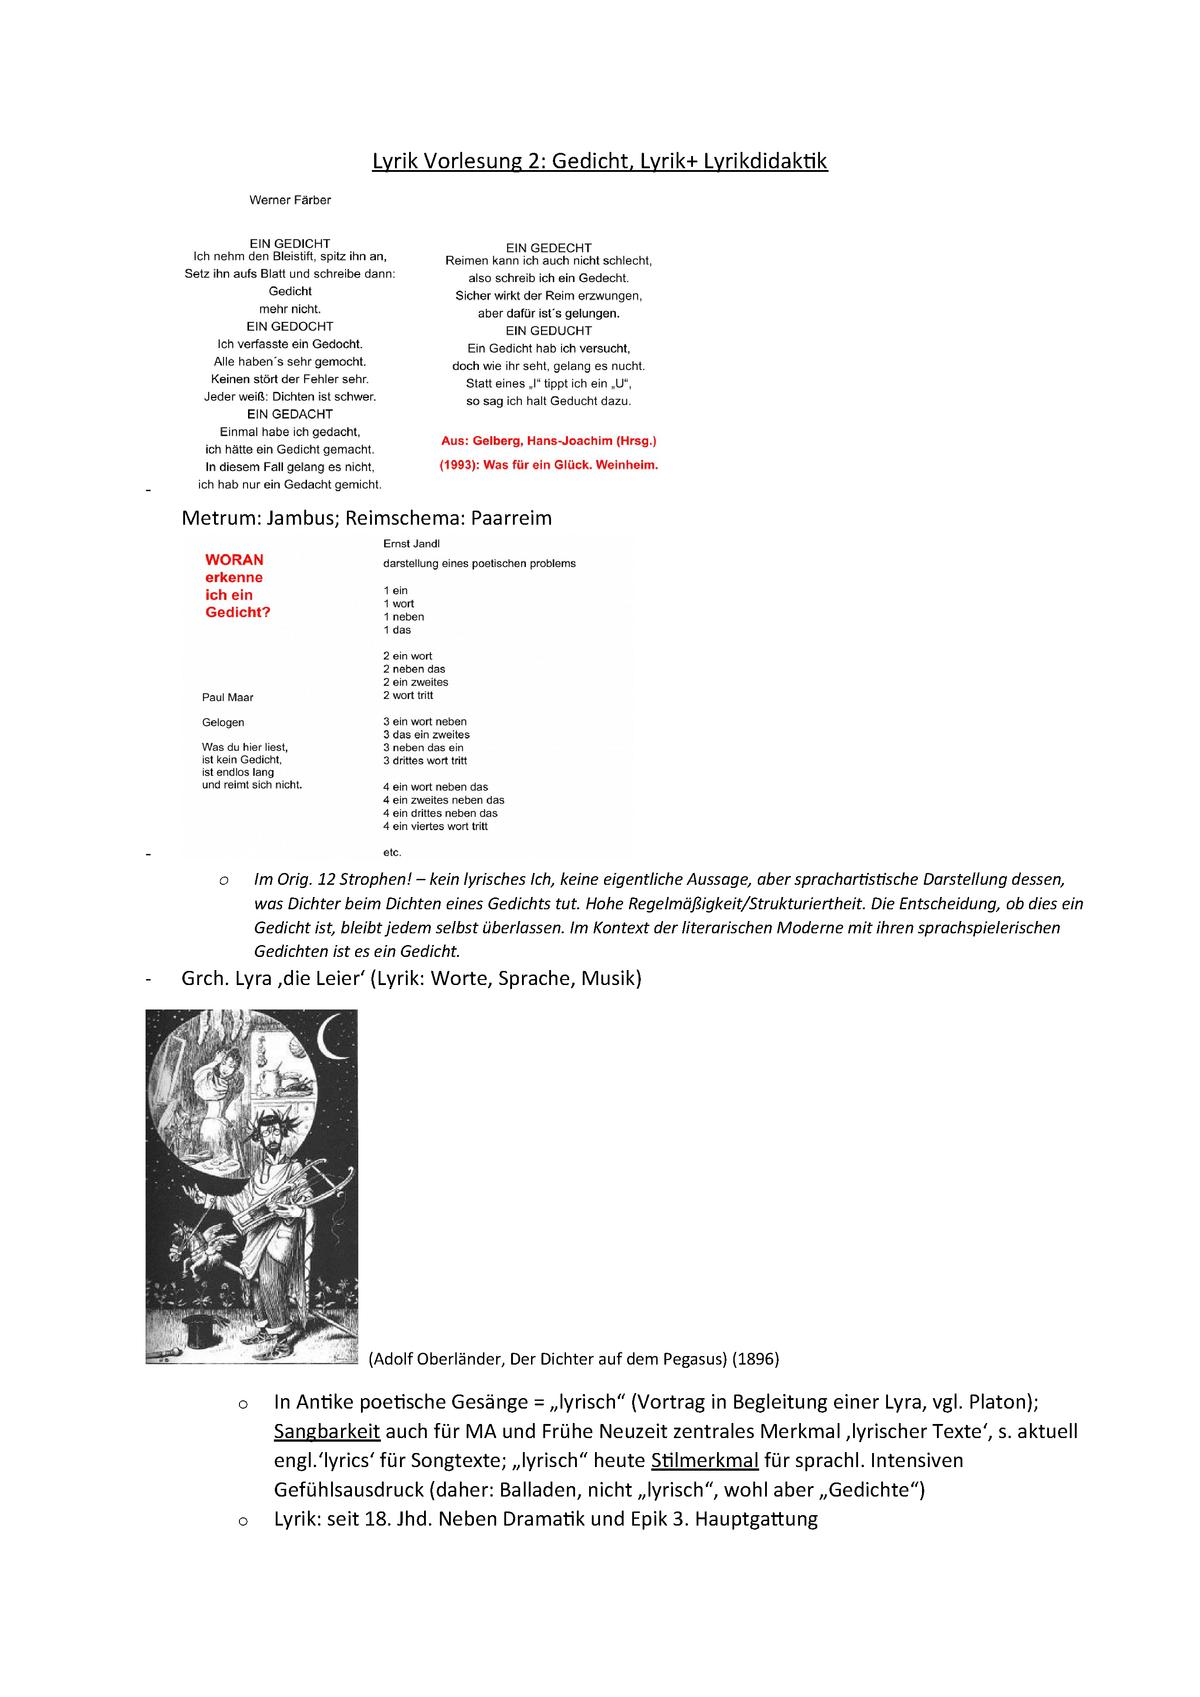 02 Zusammenfassung Lyrik Vorlesung 2 Literatur Und Medien